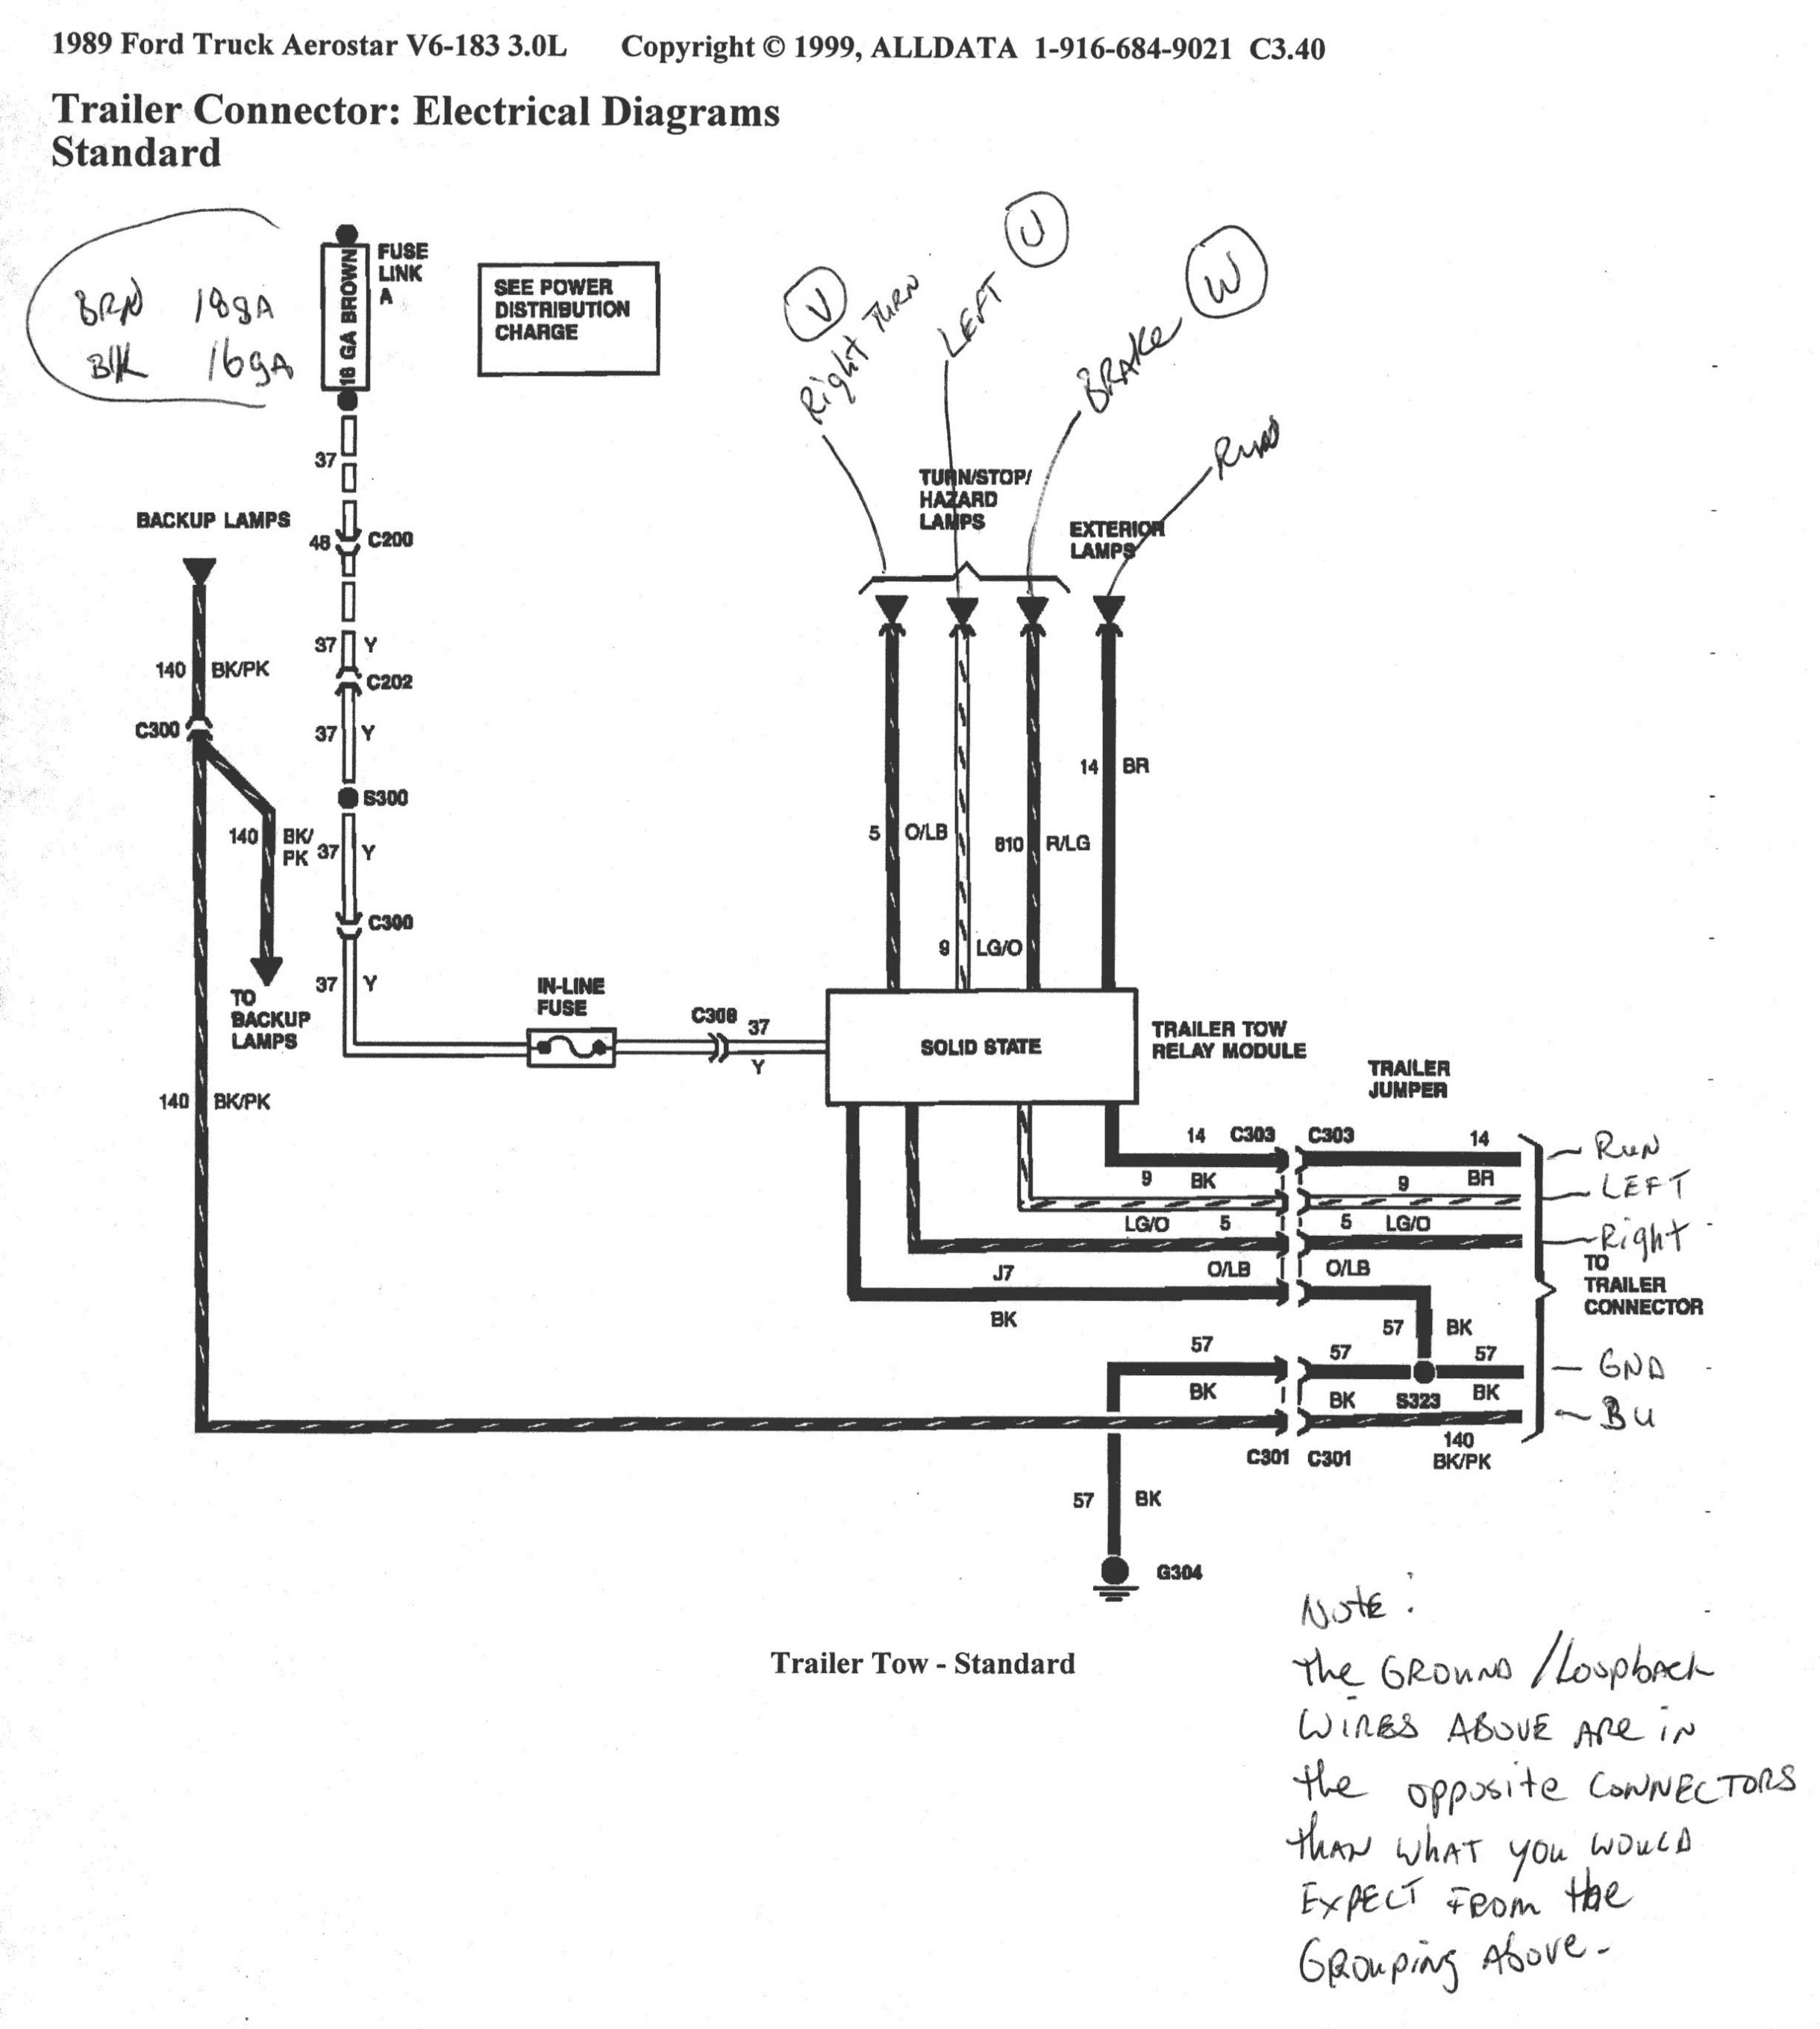 Ford Aerostar Trailer Wiring 2012 - Wiring Diagram Name - Ford 7 Pin Trailer Wiring Diagram